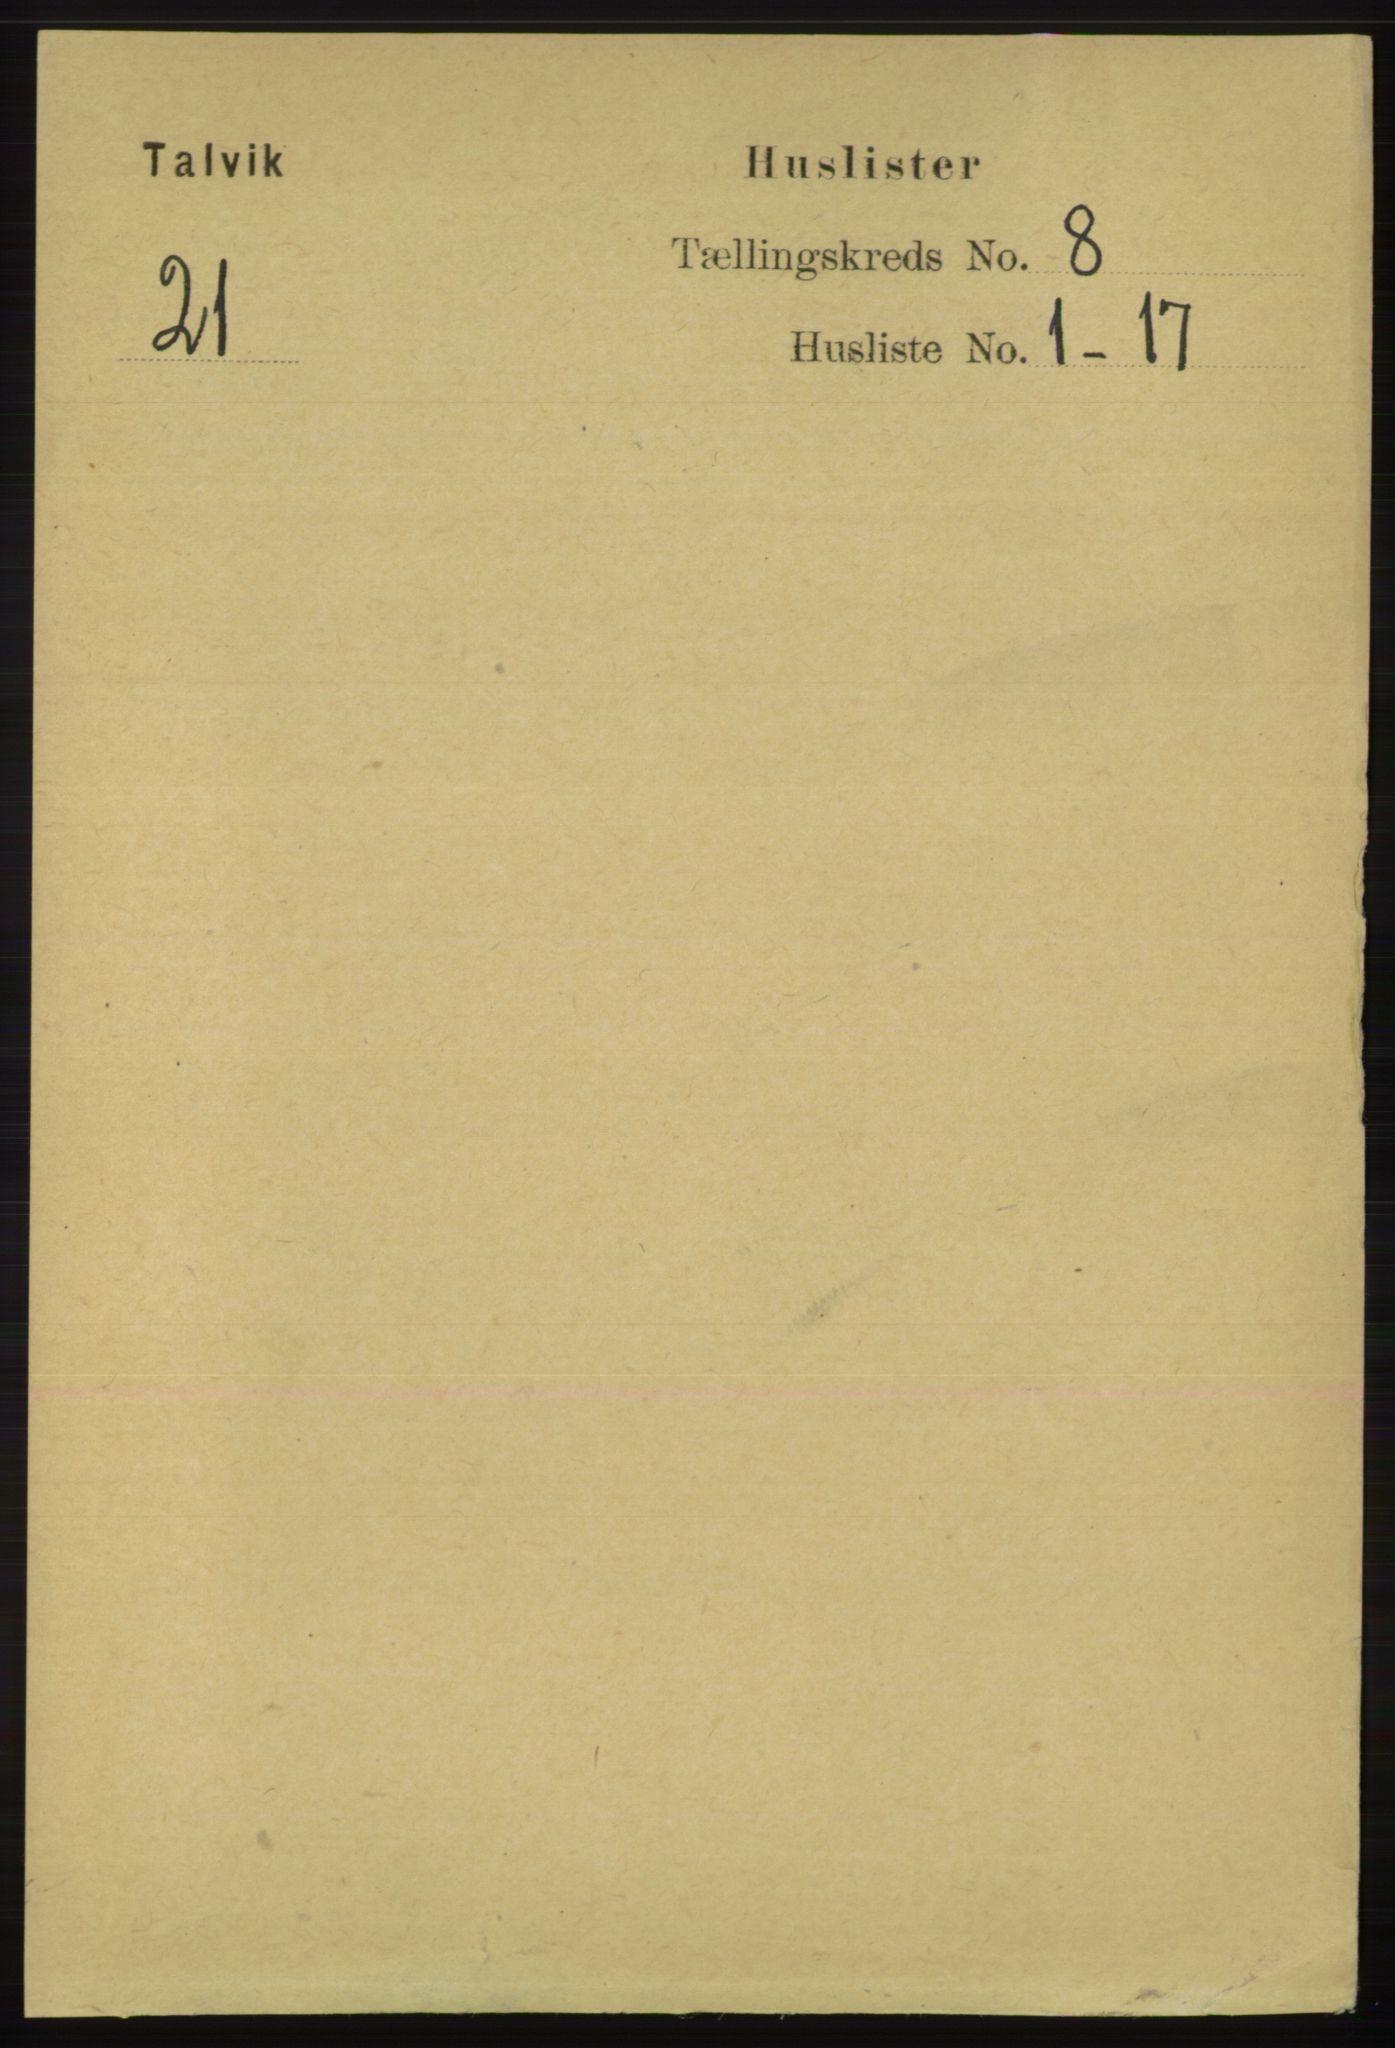 RA, Folketelling 1891 for 2013 Talvik herred, 1891, s. 2031